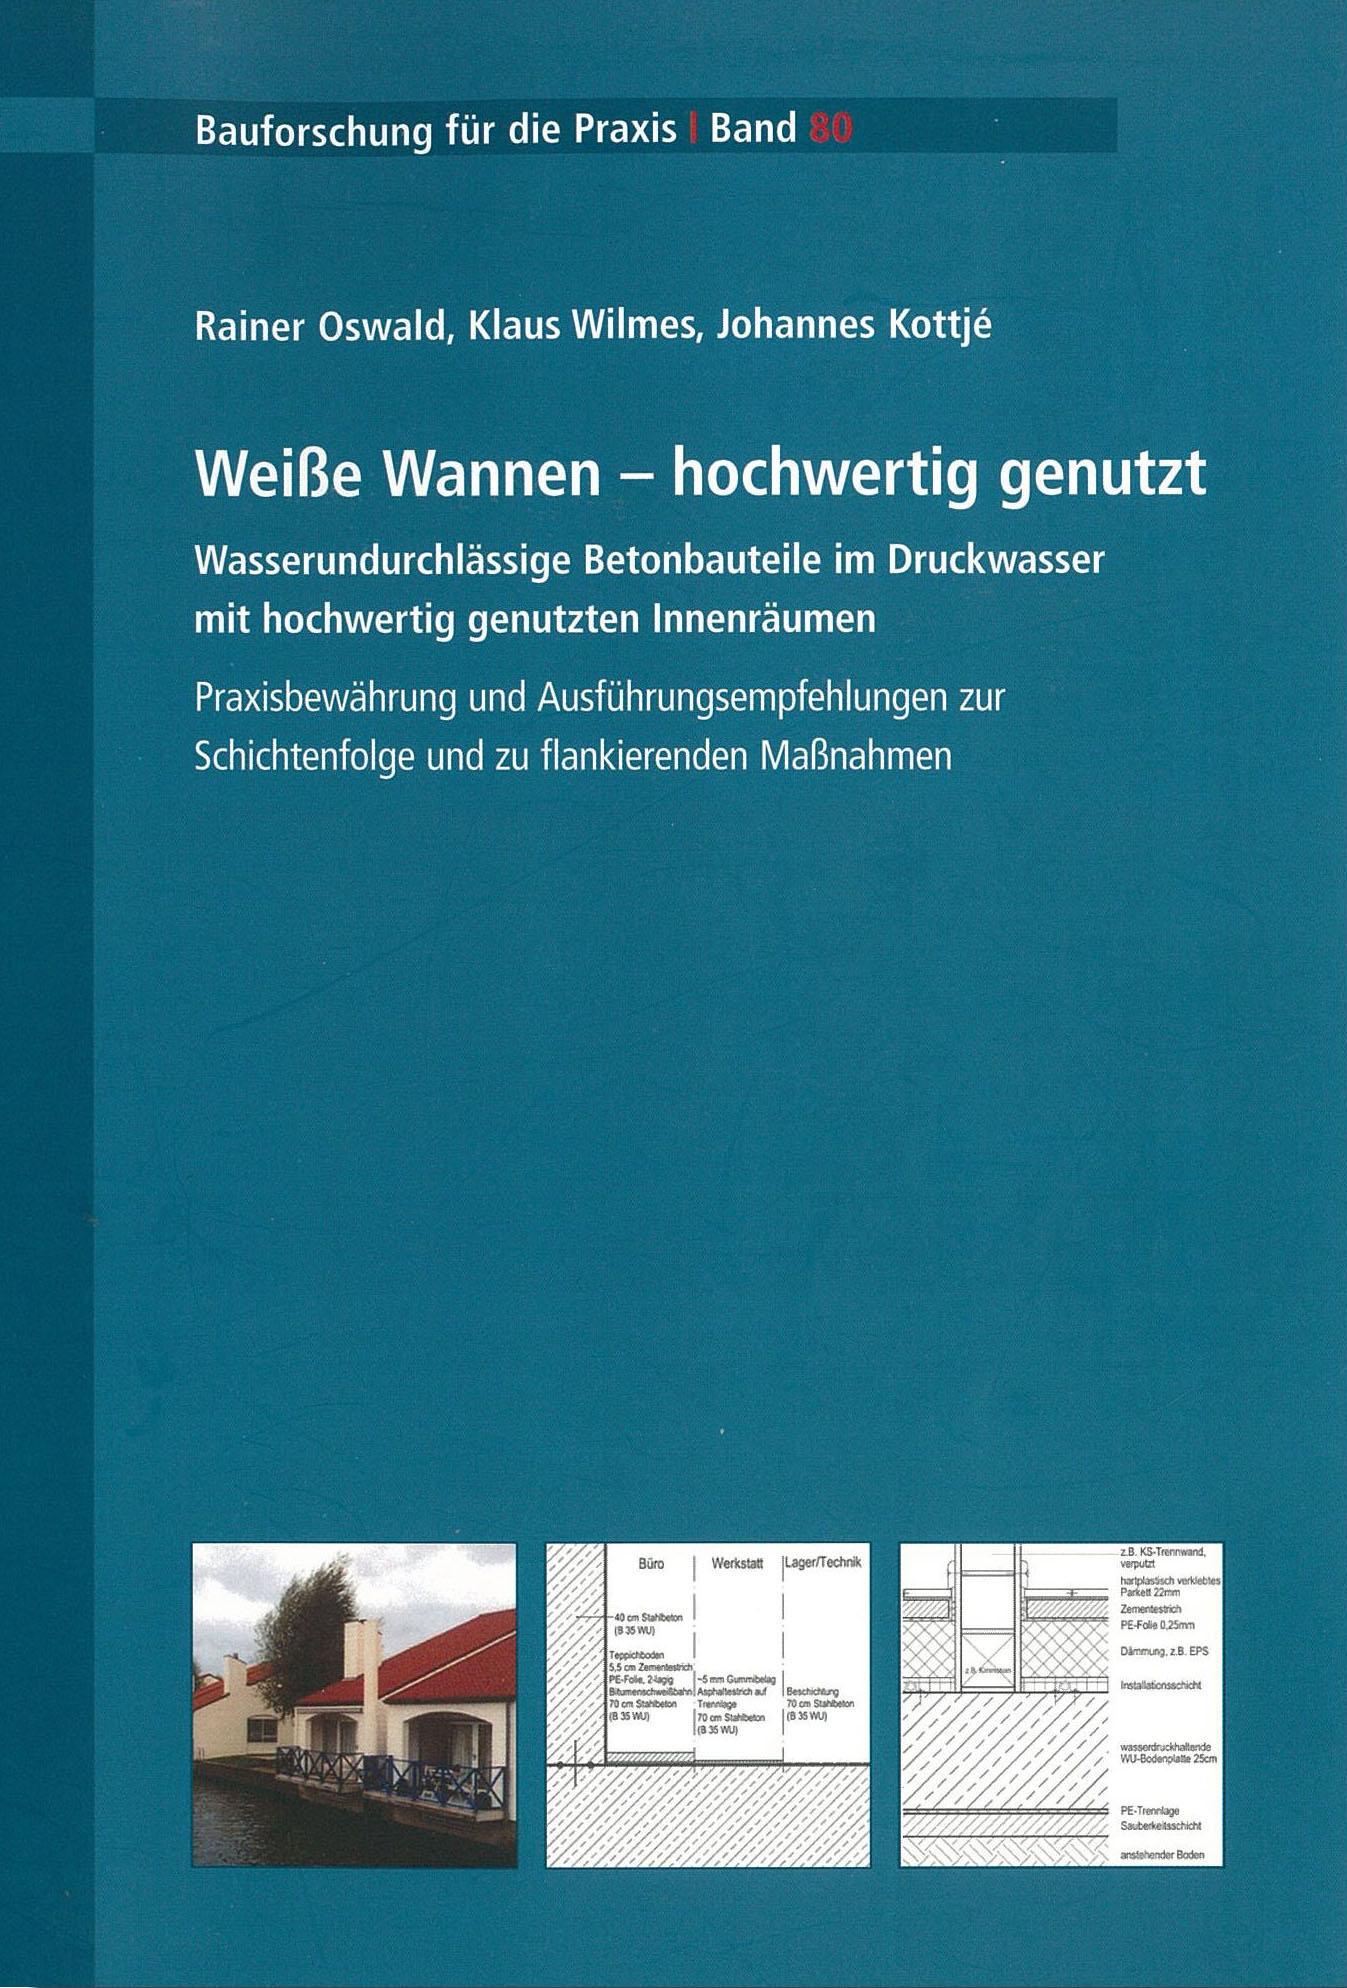 Forscshungsbericht: Weiße Wannen Flankierende Maßnahmen - Coverbild